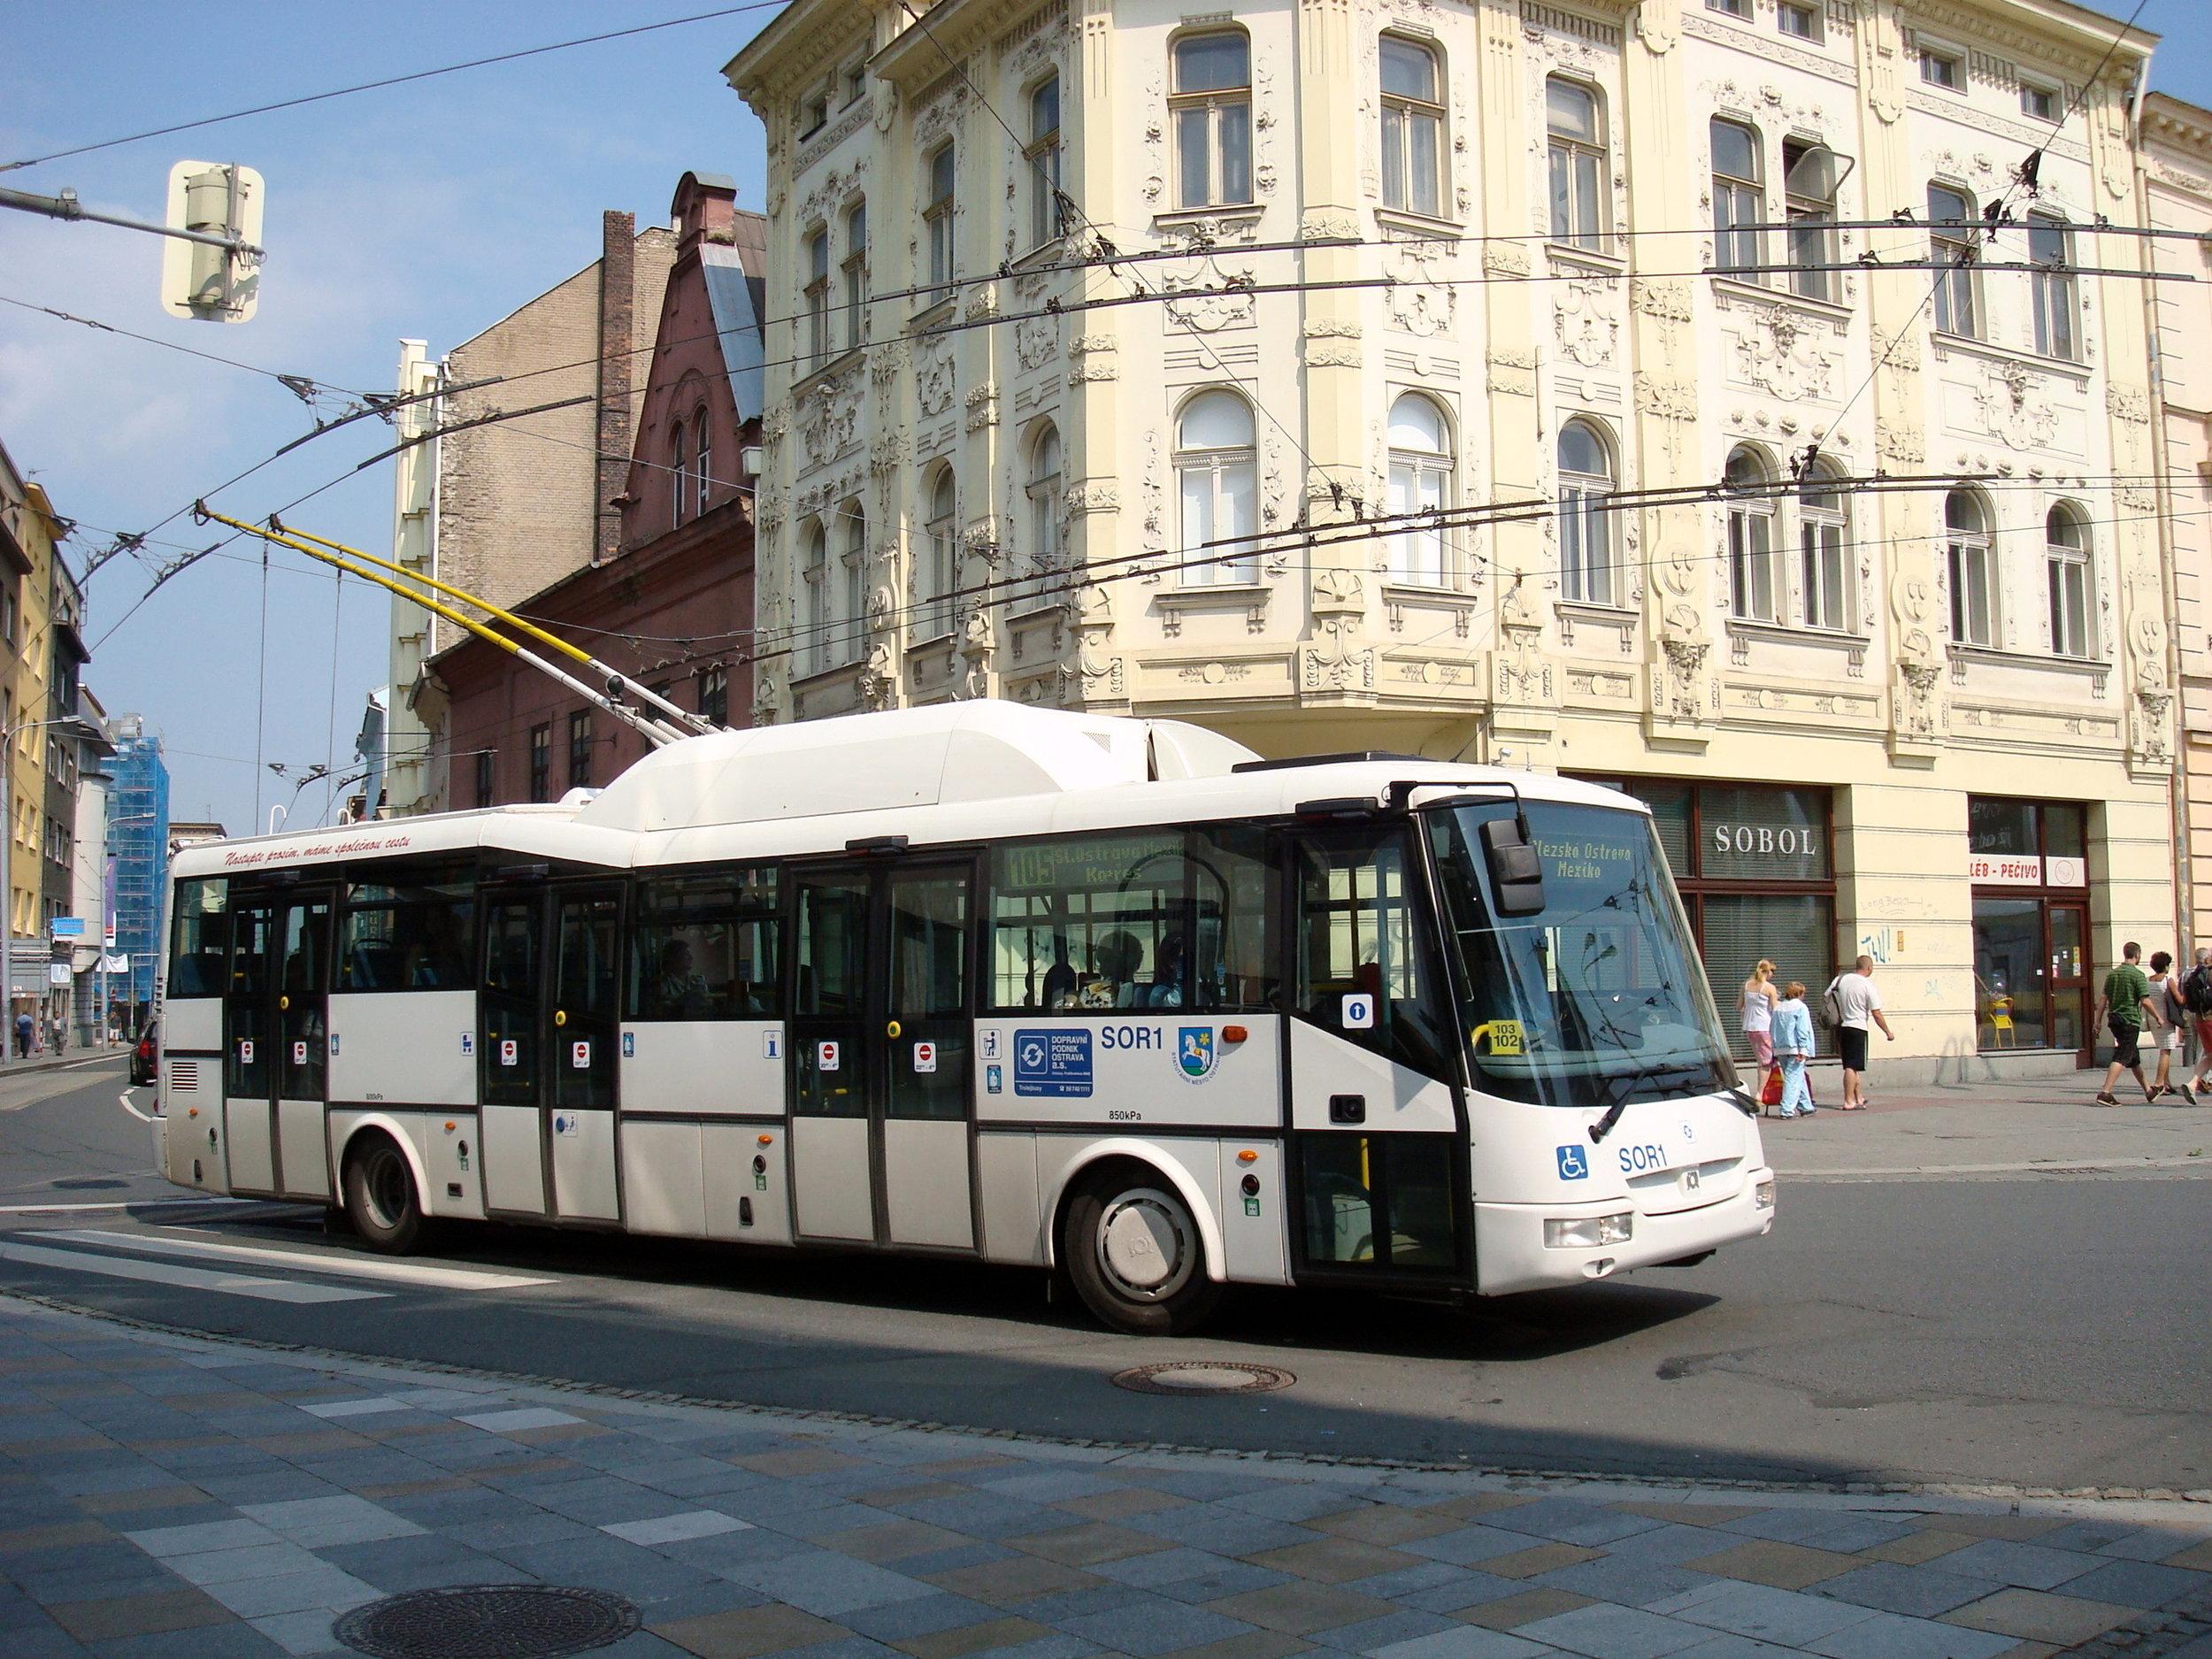 Trolejbus s automatickou převodovkou Praga. Prototyp SOR TN 12A ev. č. SOR1 ve službách ostravského DP během zkoušek dne 15. 8. 2009. (zdroj: Wikipedia.org, foto: Petr Dadák)